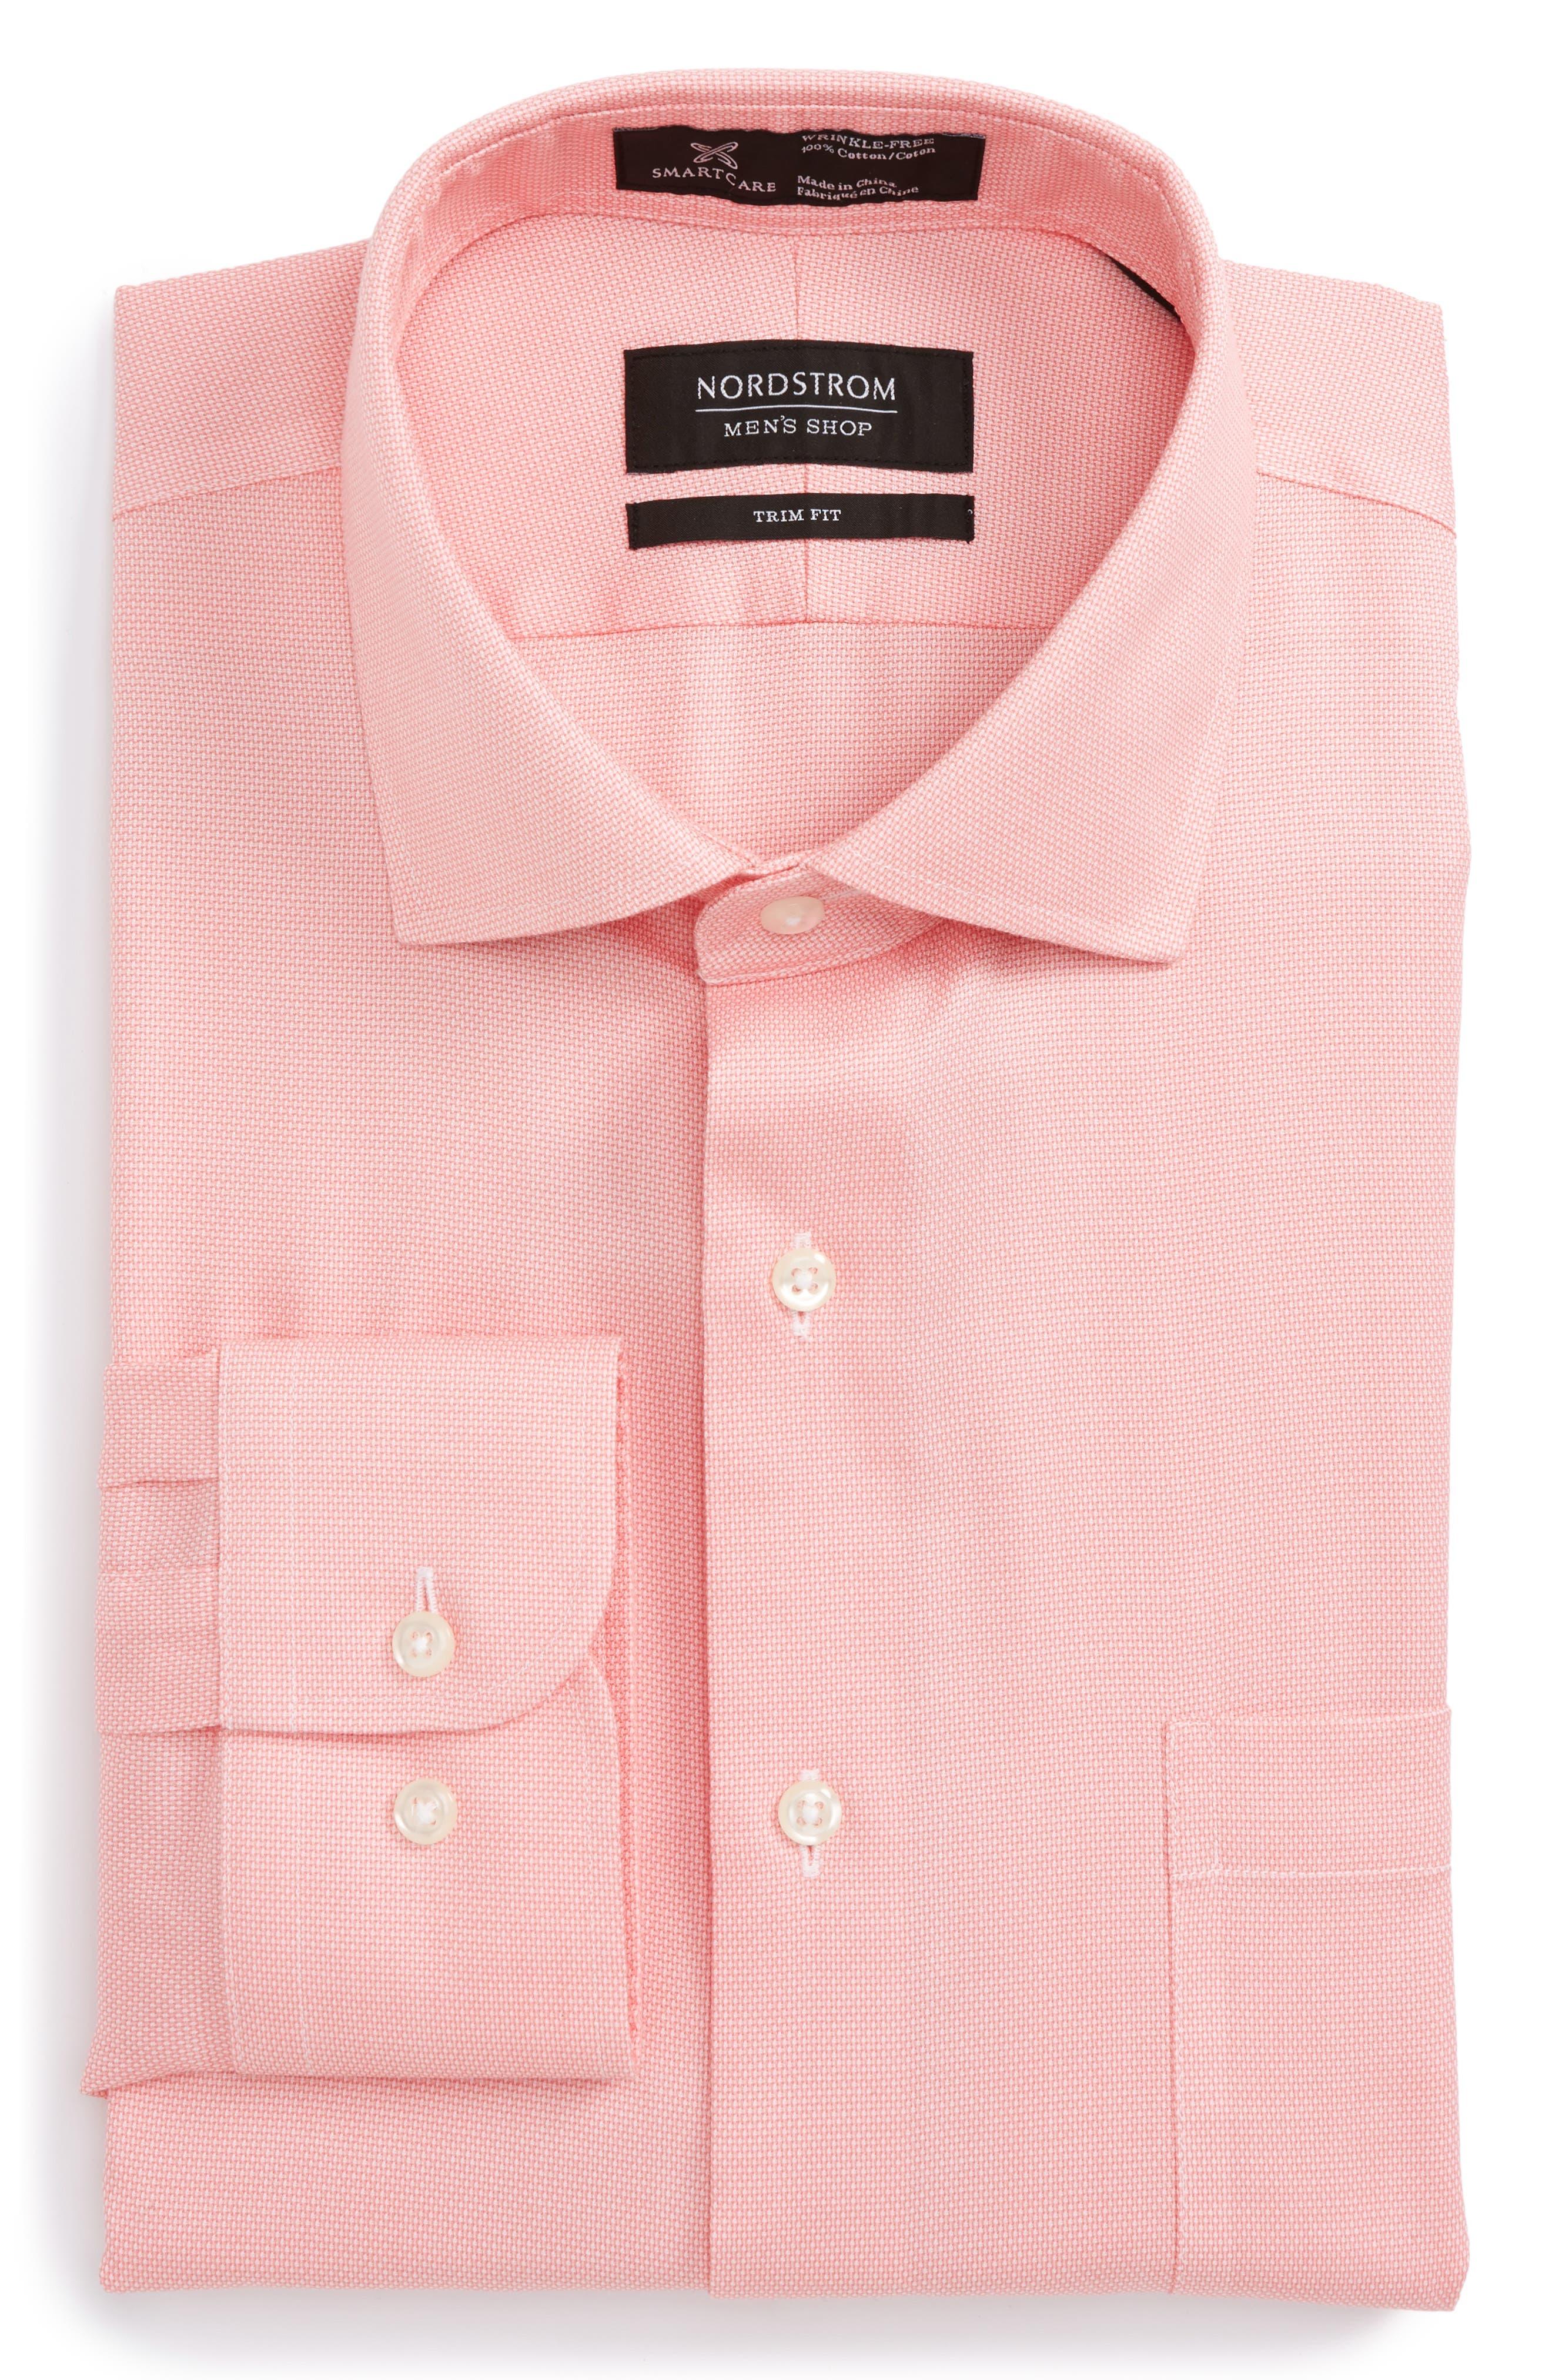 Smartcare<sup>™</sup> Trim Fit Oxford Dress Shirt,                             Main thumbnail 5, color,